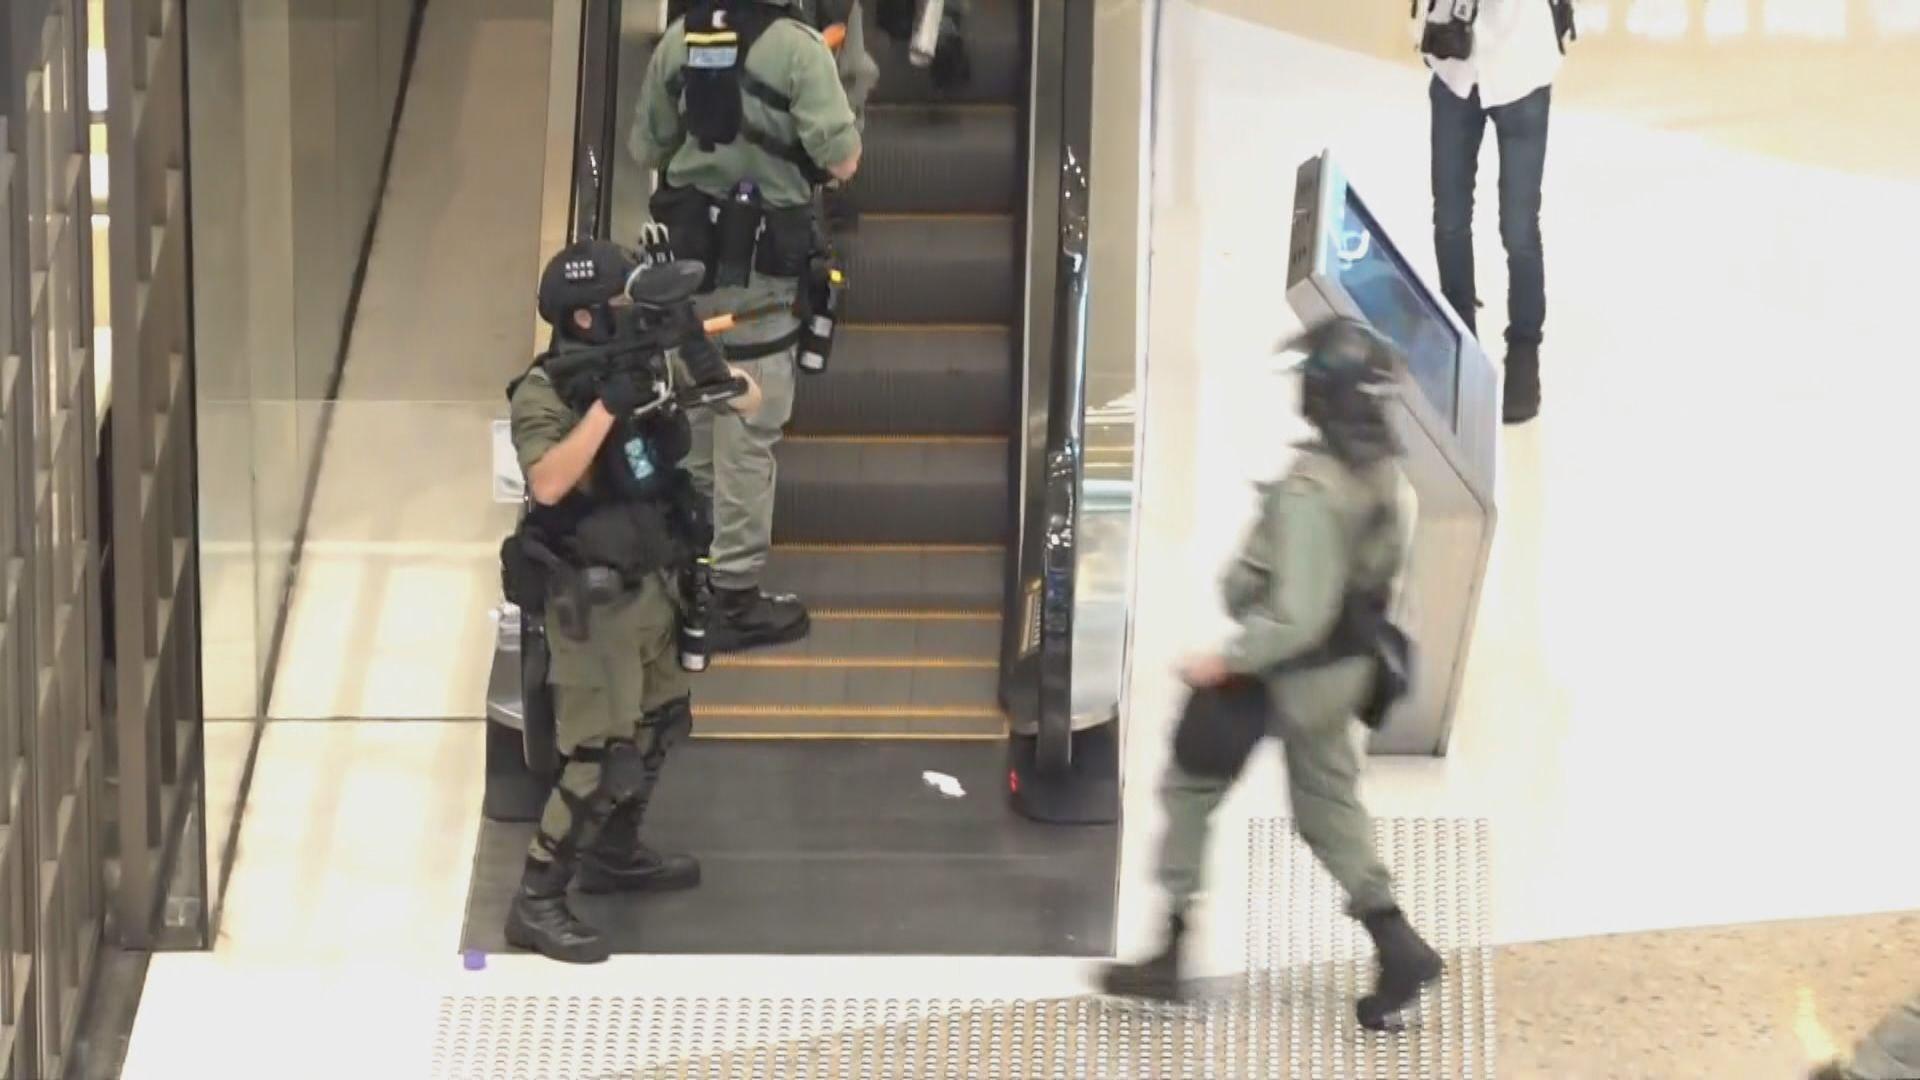 新世紀廣場疑有人高空擲物 警員商場內開胡椒球彈槍